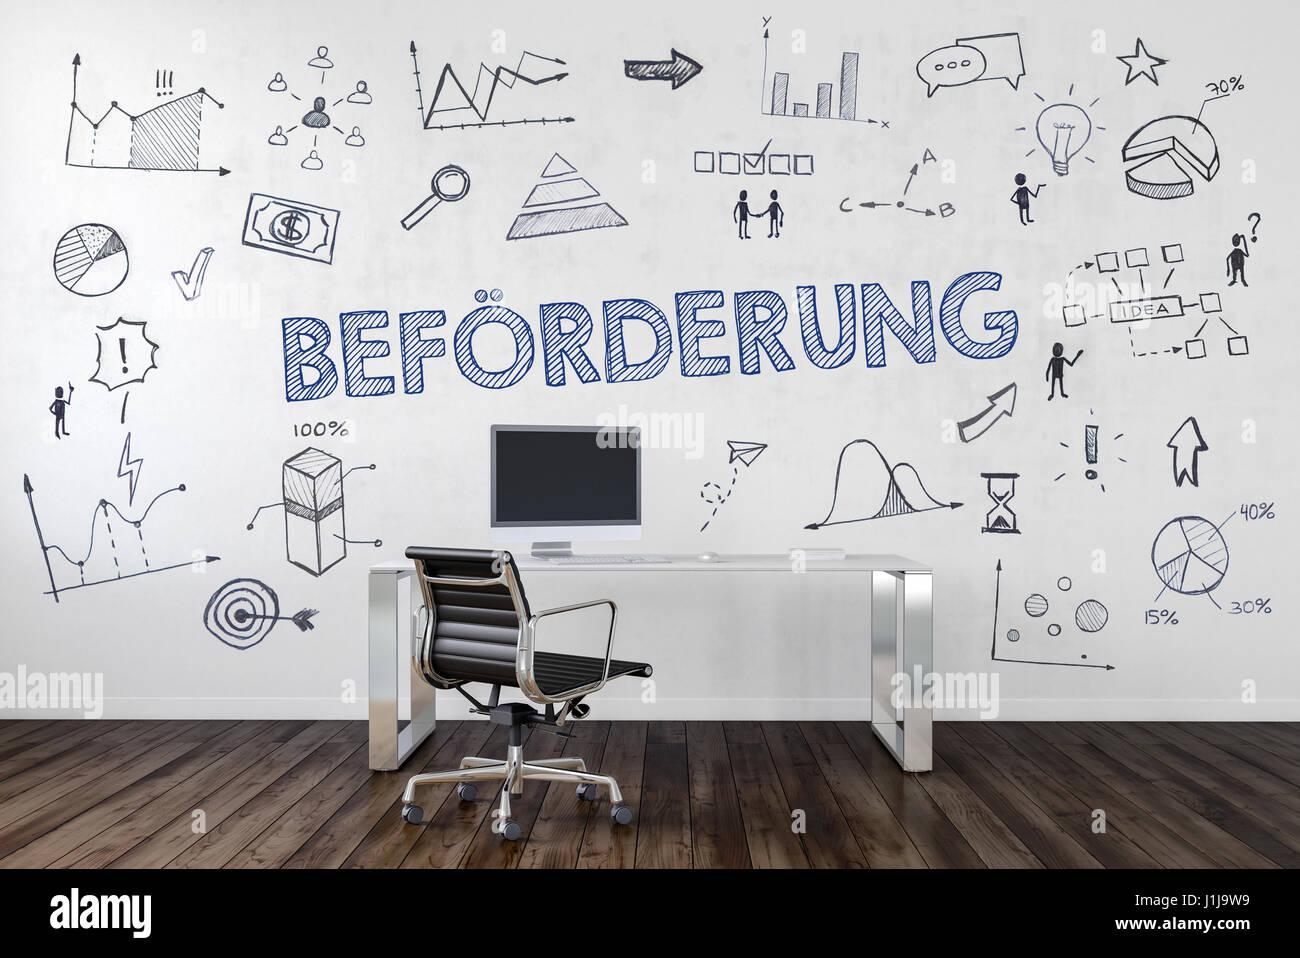 BEFÖRDERUNG | Schreibtisch in Büro mit handgezeichneten Symbolen an Wand. Stock Photo